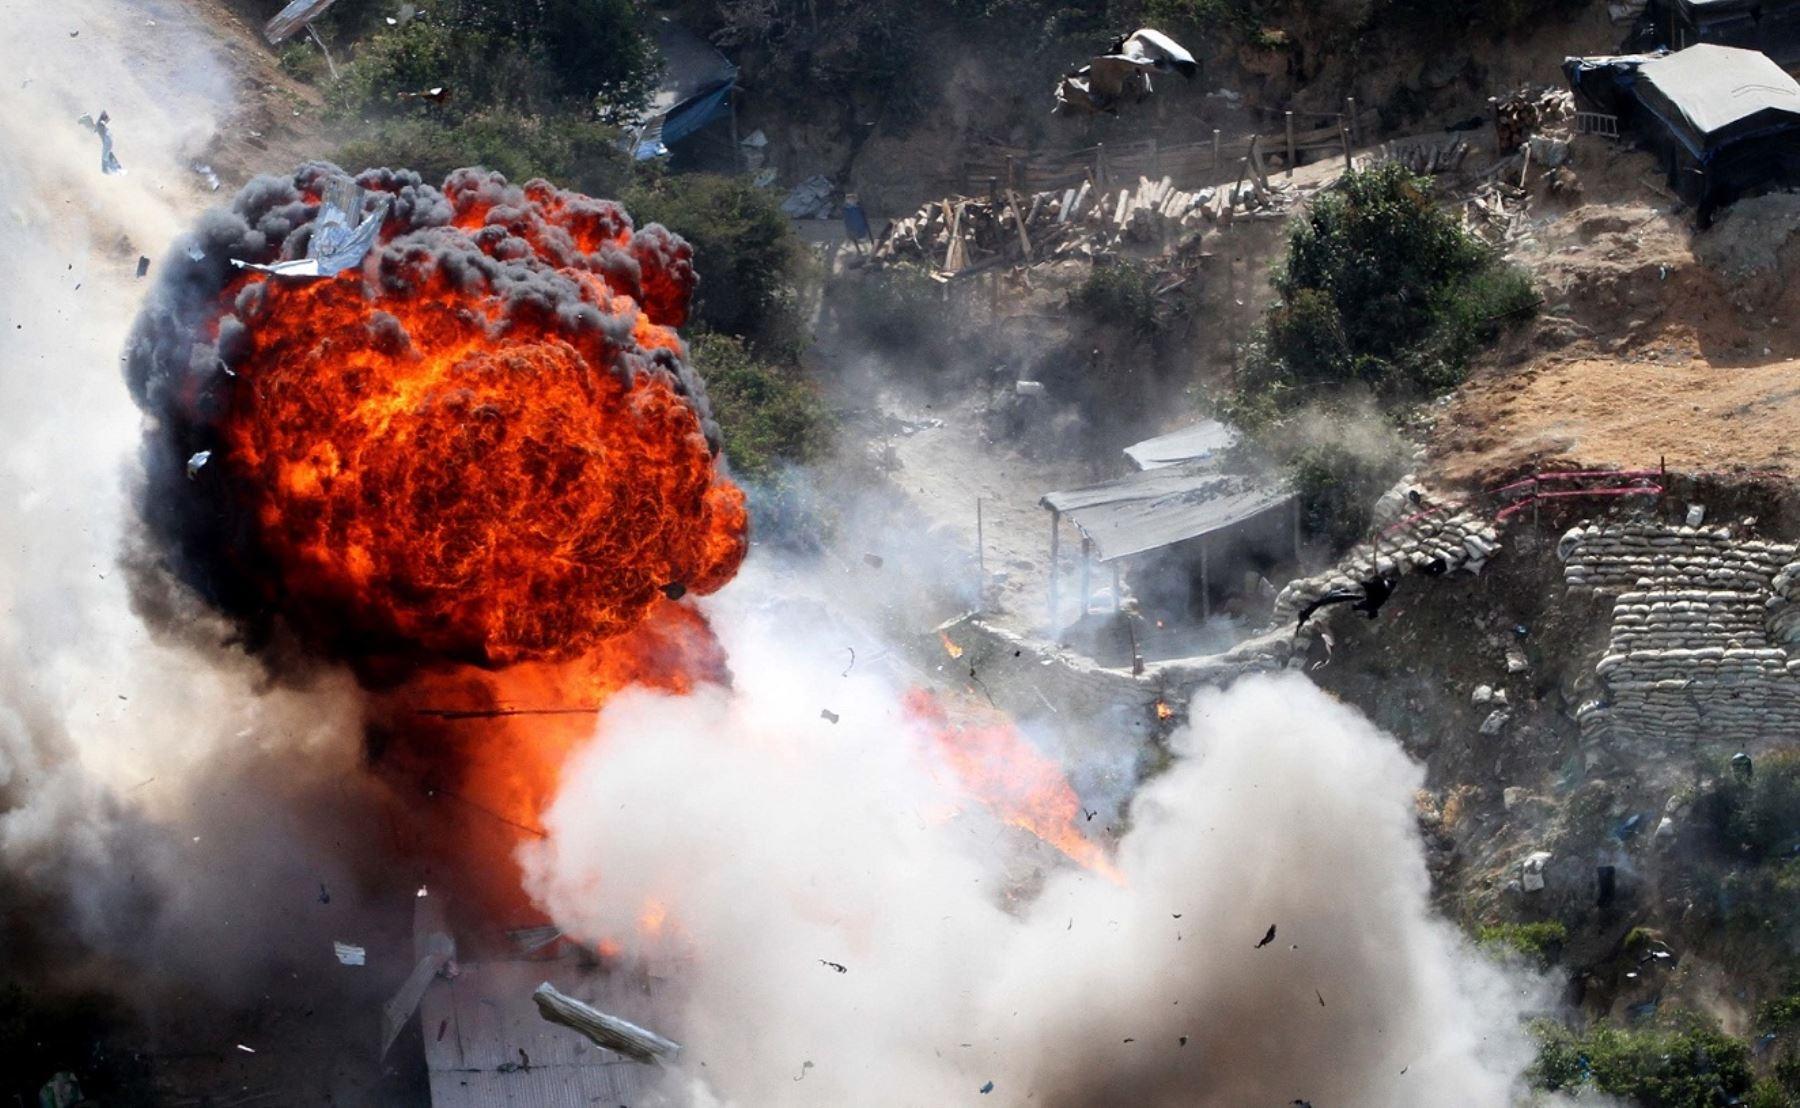 Operativo permitió destruir 68 motores, además de equipos y suministros utilizados en la minería ilegal.